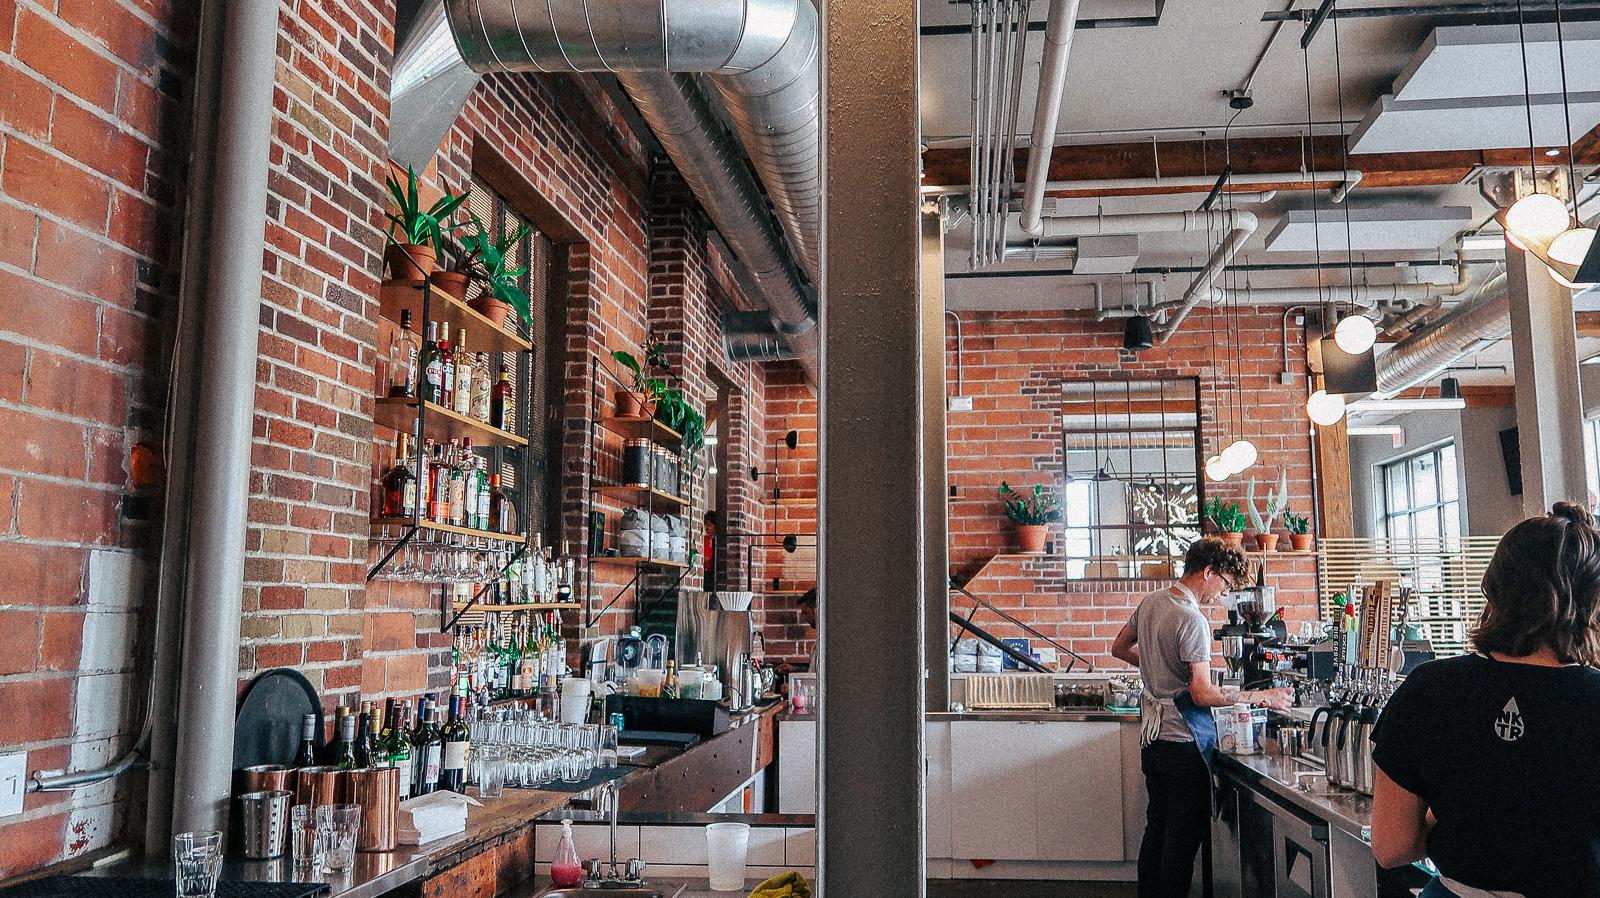 St. Kilda Cafe & Bakery Des Moines